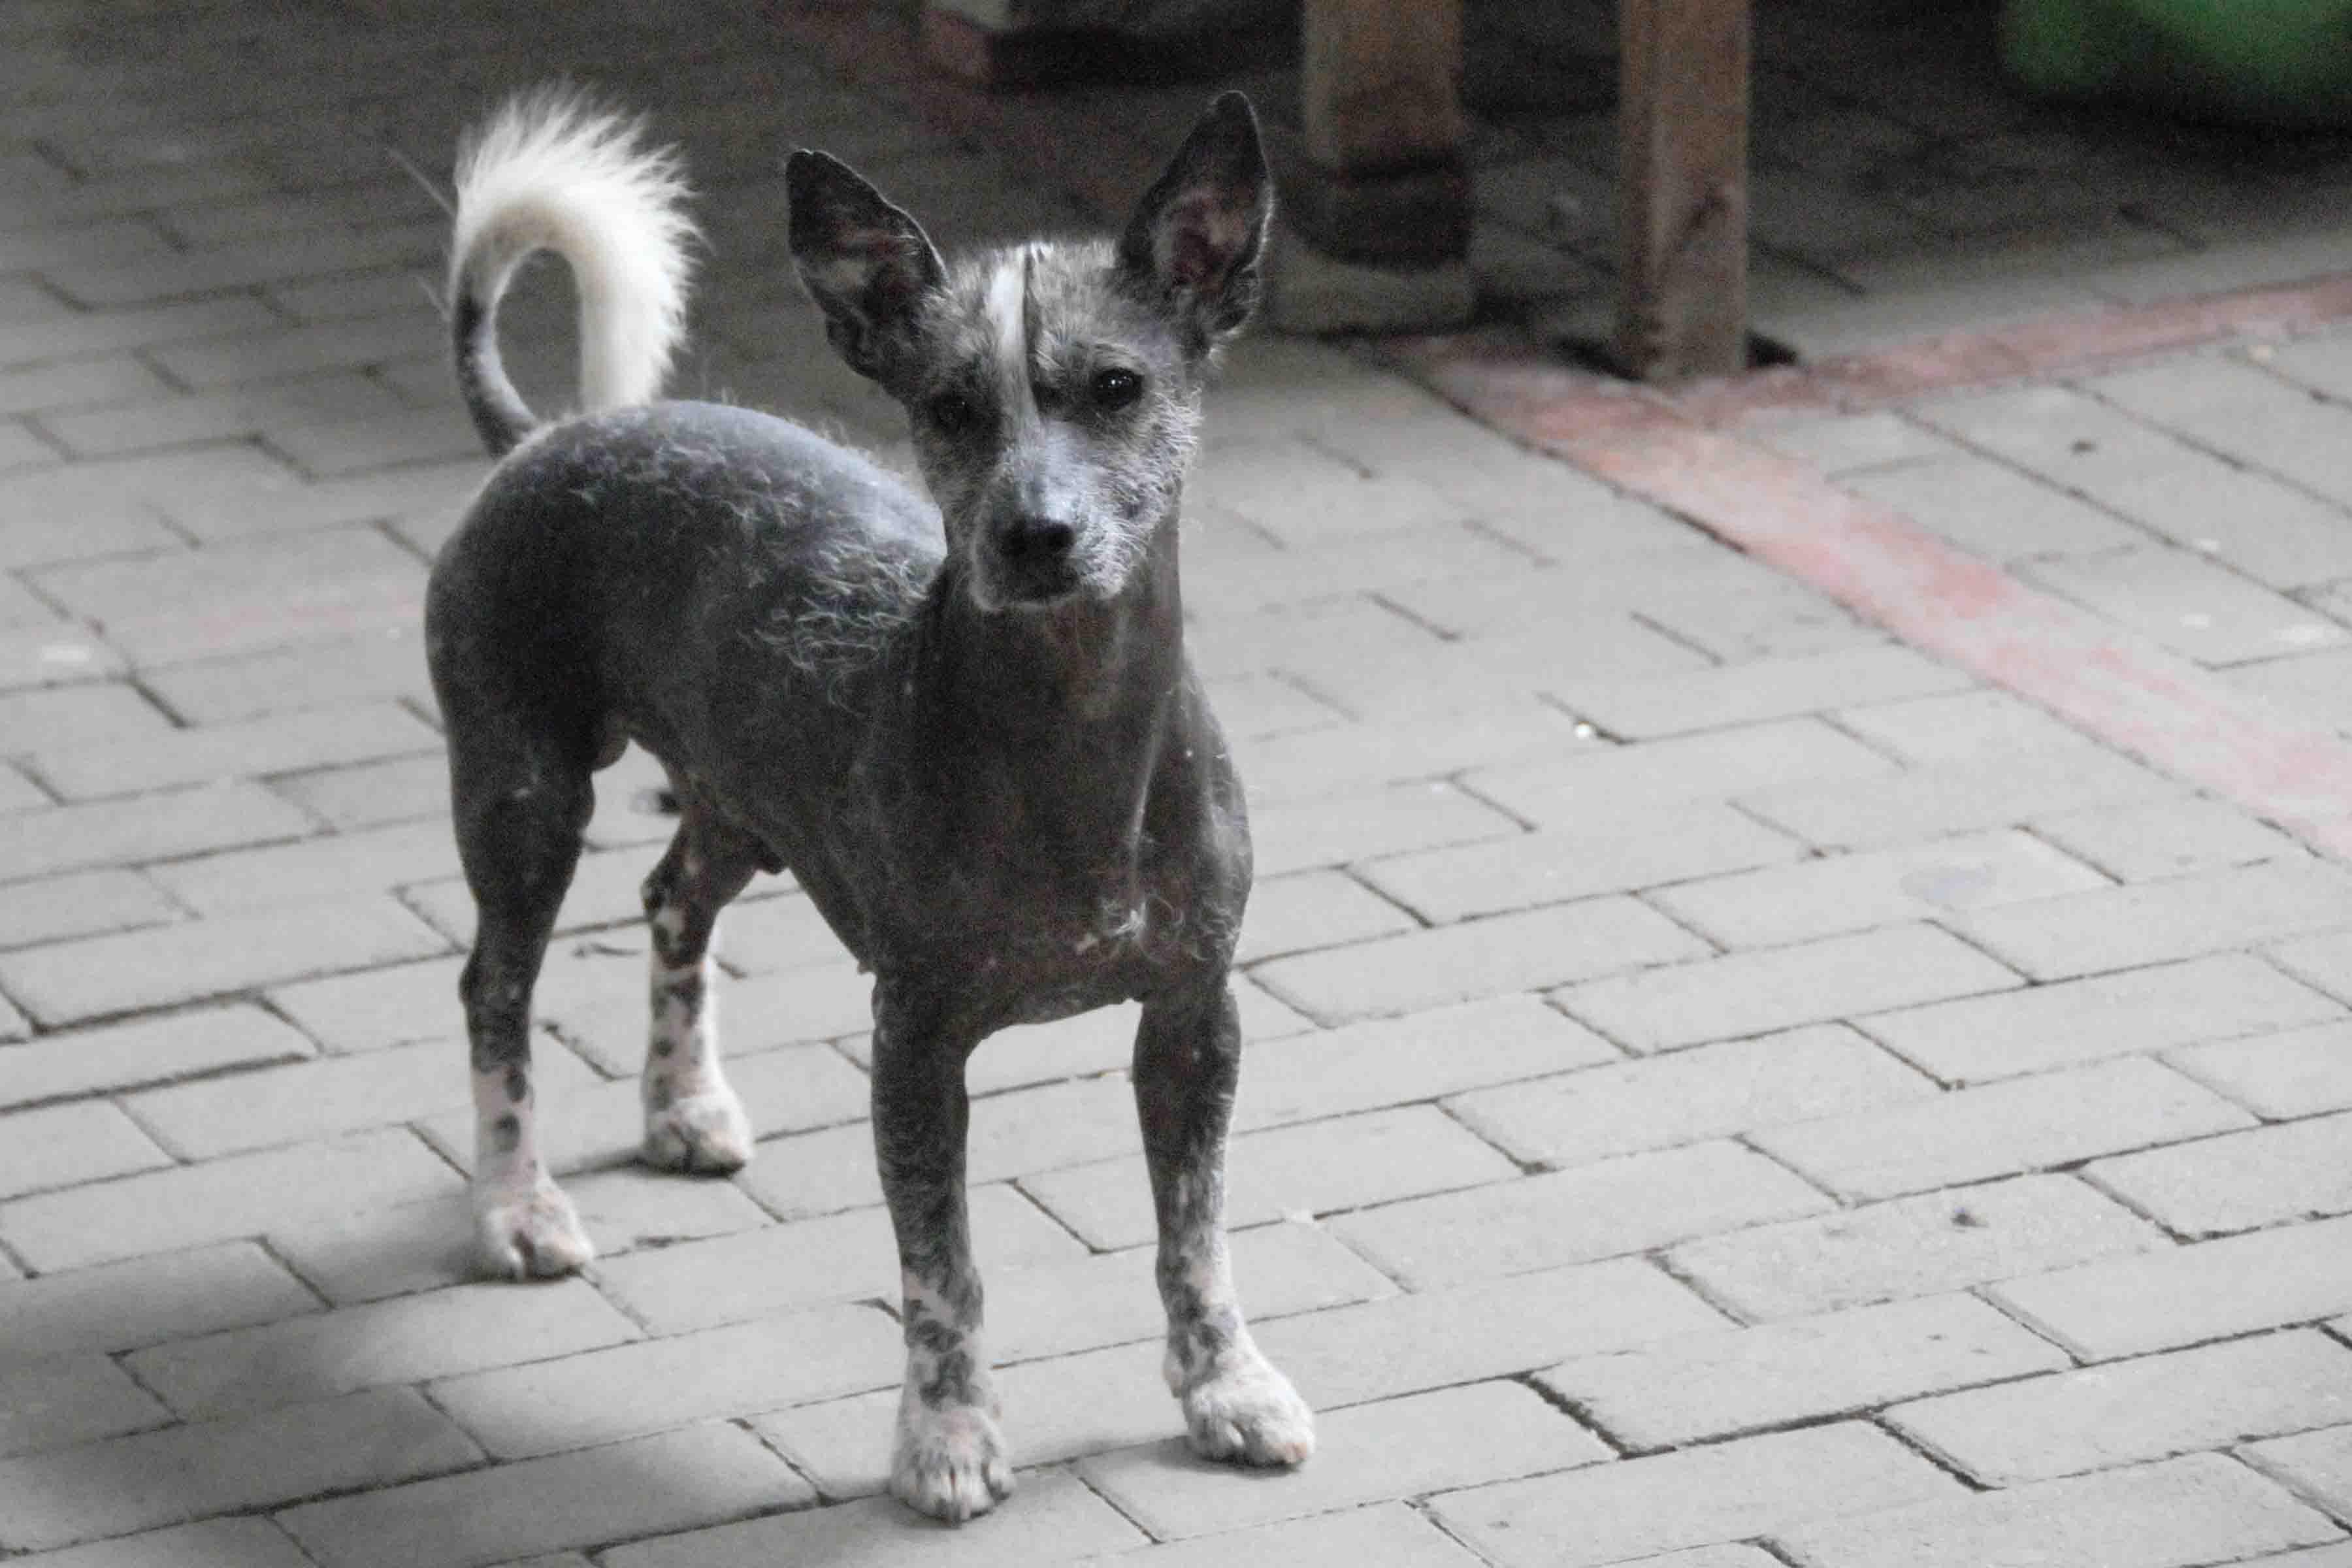 Dog in Peru